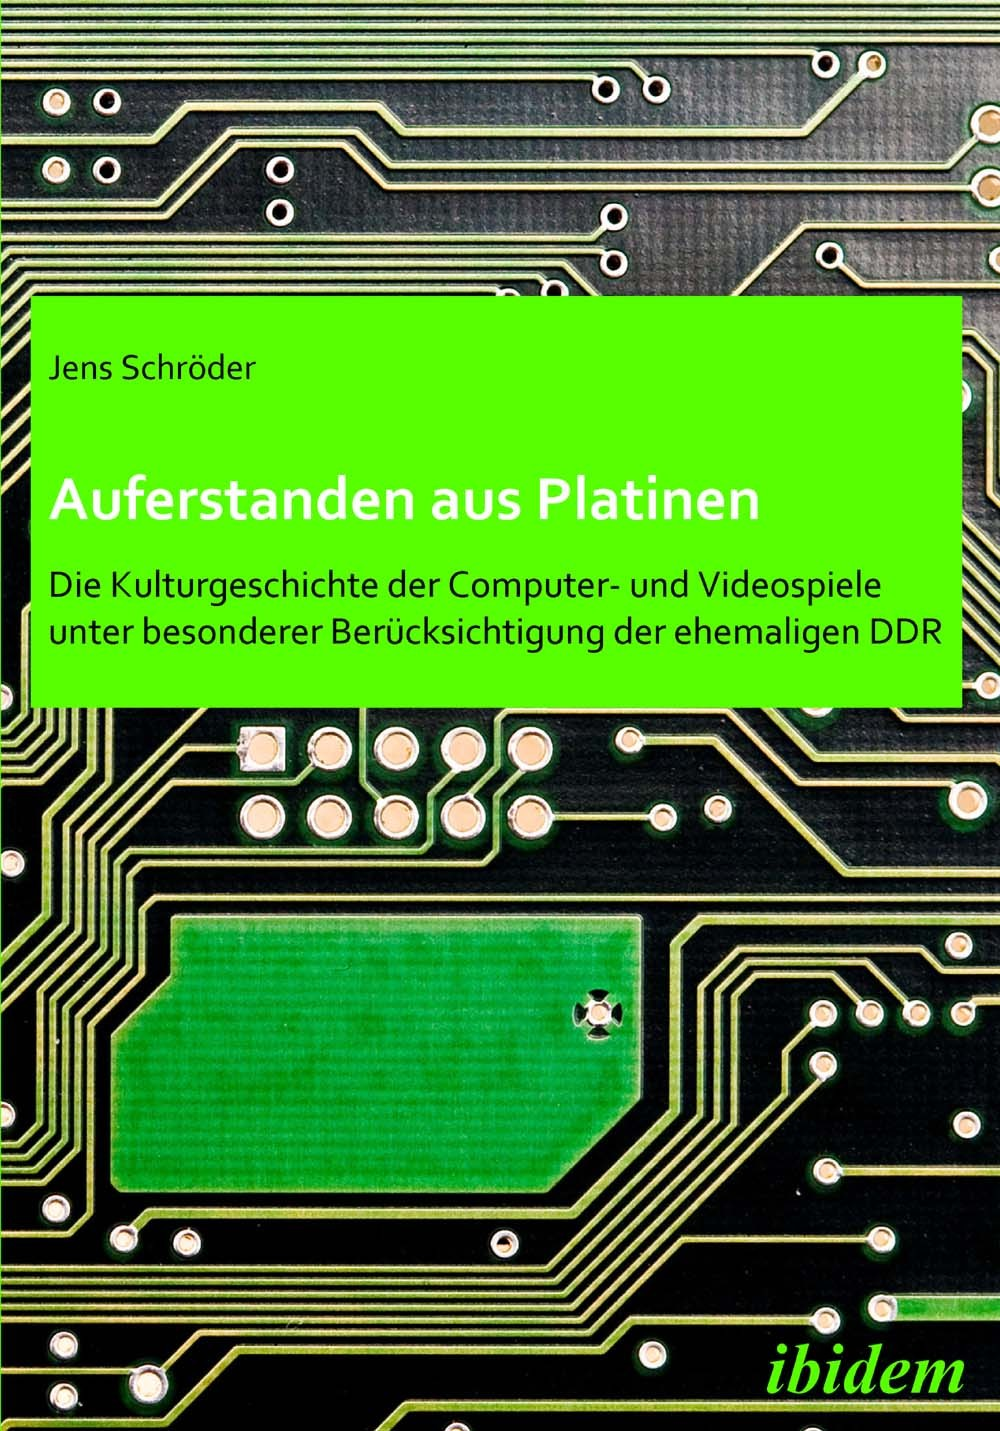 Auferstanden aus Platinen: Die Kulturgeschichte der Computer- und Videospiele unter besonderer Berücksichtigung der ehemaligen DDR